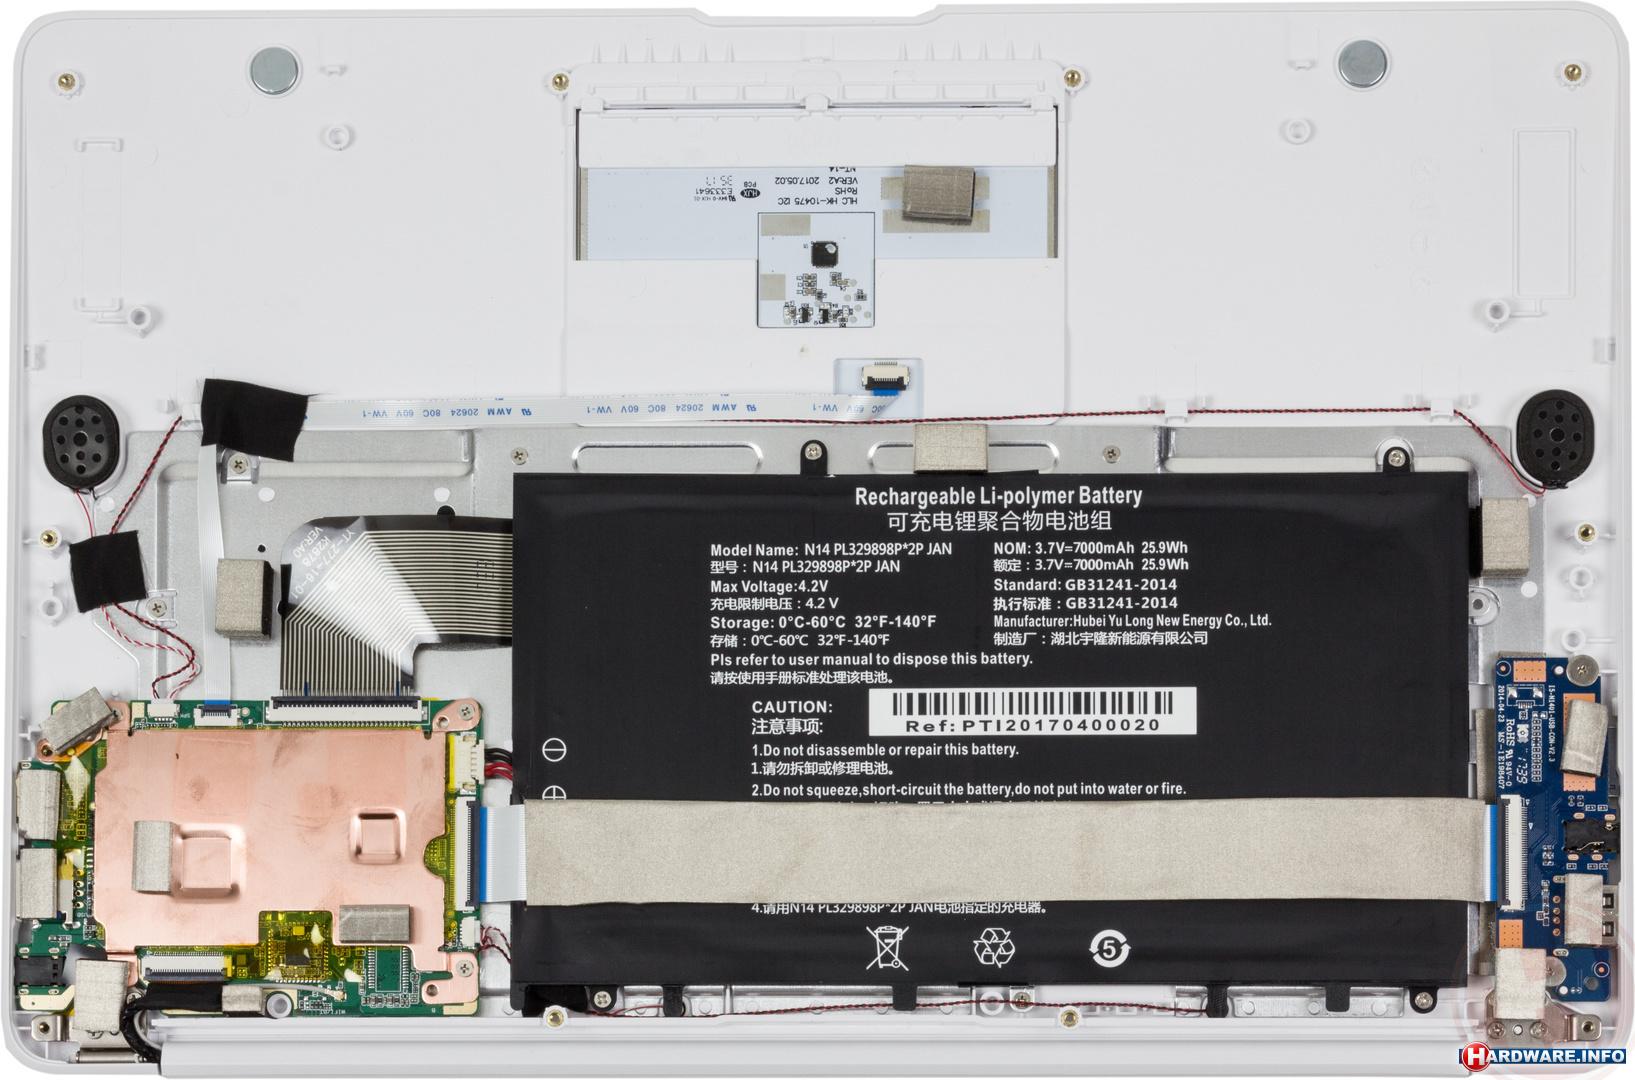 It-works GTN-1401 laptop/tablet - Hardware Info